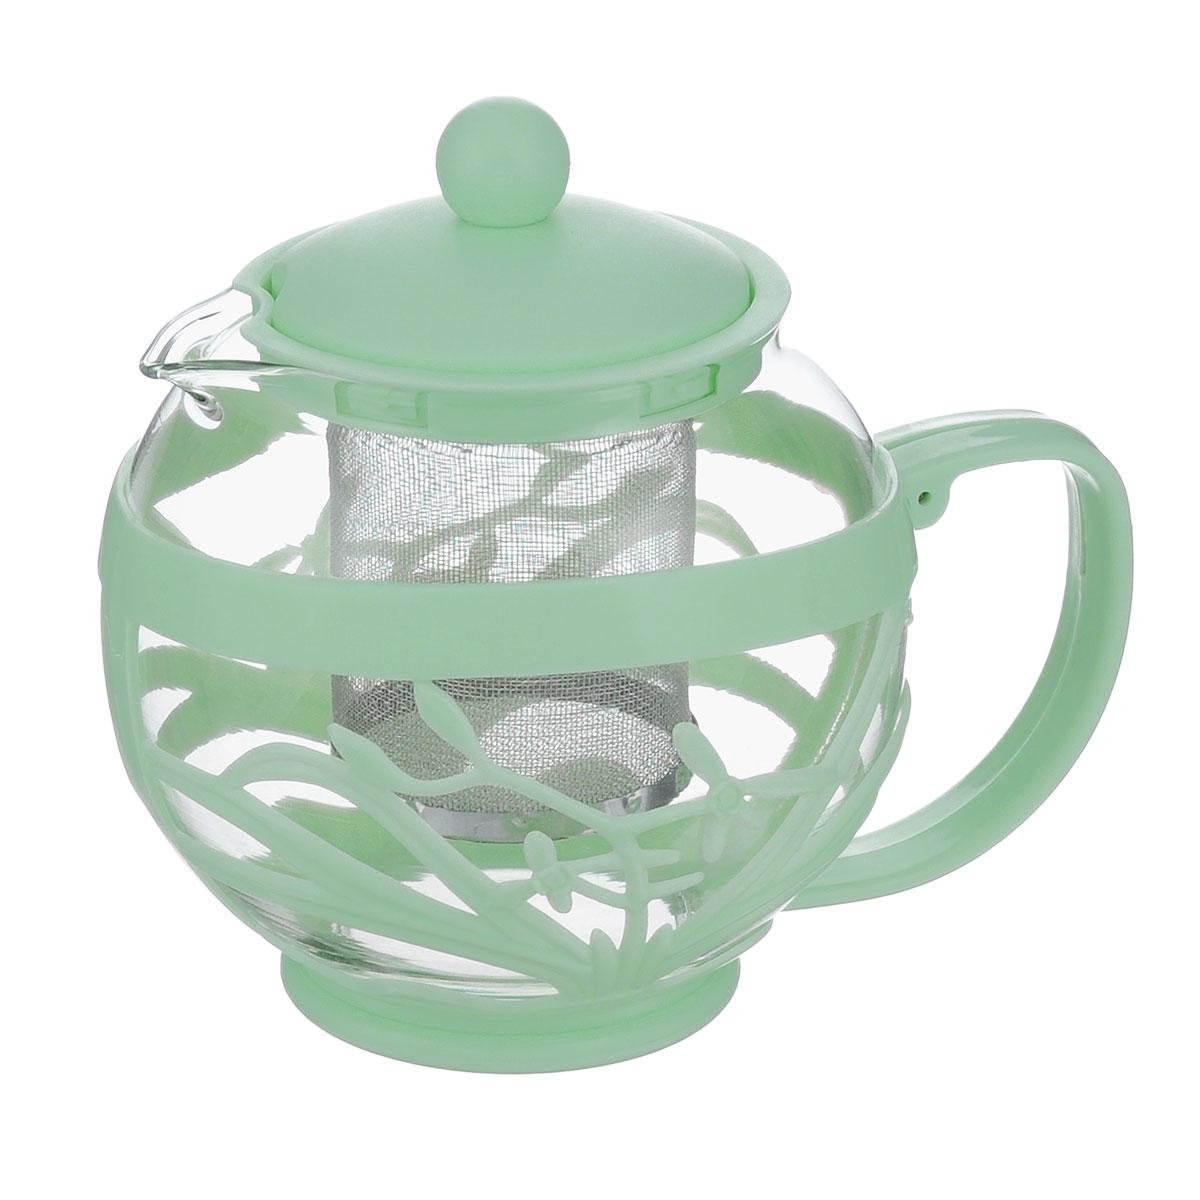 Чайник заварочный Menu Мелисса, с фильтром, цвет: прозрачный, светло-бирюзовый, 750 мл54 009312Чайник Menu Мелисса изготовлен из прочного стекла и пластика. Он прекрасно подойдет для заваривания чая и травяных напитков. Классический стиль и оптимальный объем делают его удобным и оригинальным аксессуаром. Изделие имеет удлиненный металлический фильтр, который обеспечивает высокое качество фильтрации напитка и позволяет заварить чай даже при небольшом уровне воды. Ручка чайника не нагревается и обеспечивает безопасность использования. Нельзя мыть в посудомоечной машине. Диаметр чайника (по верхнему краю): 8 см.Высота чайника (без учета крышки): 11 см.Размер фильтра: 6 х 6 х 7,2 см.